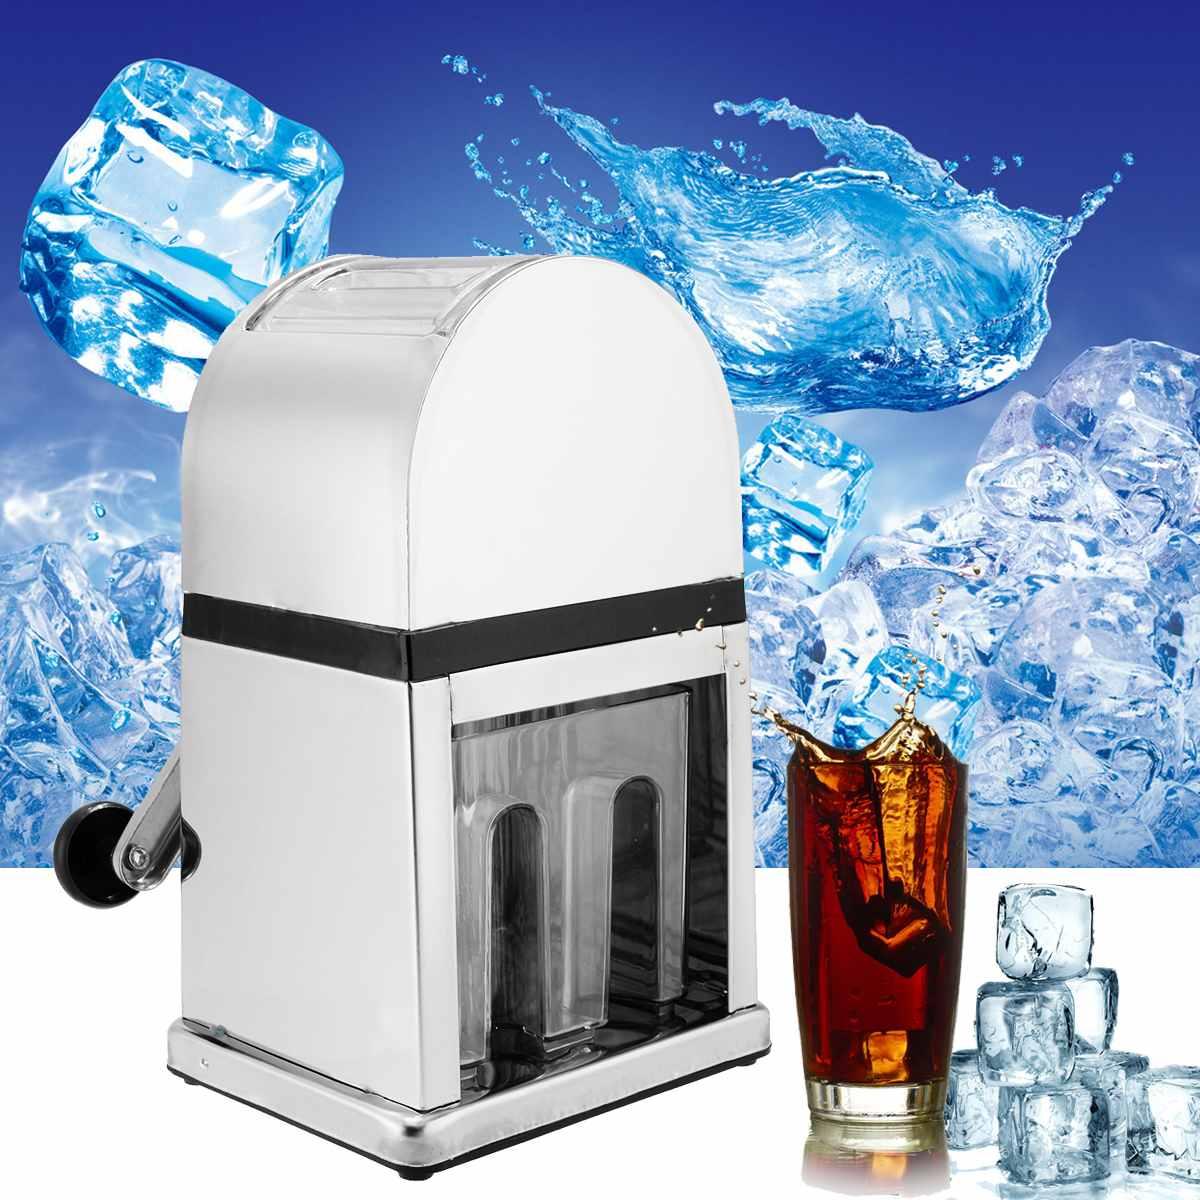 Acier inoxydable broyeur à glace accueil Bar manuel concasseur à glace rasoir fabricant de cône de neige bloc de glace Machine de rupture Machine à neige fondue